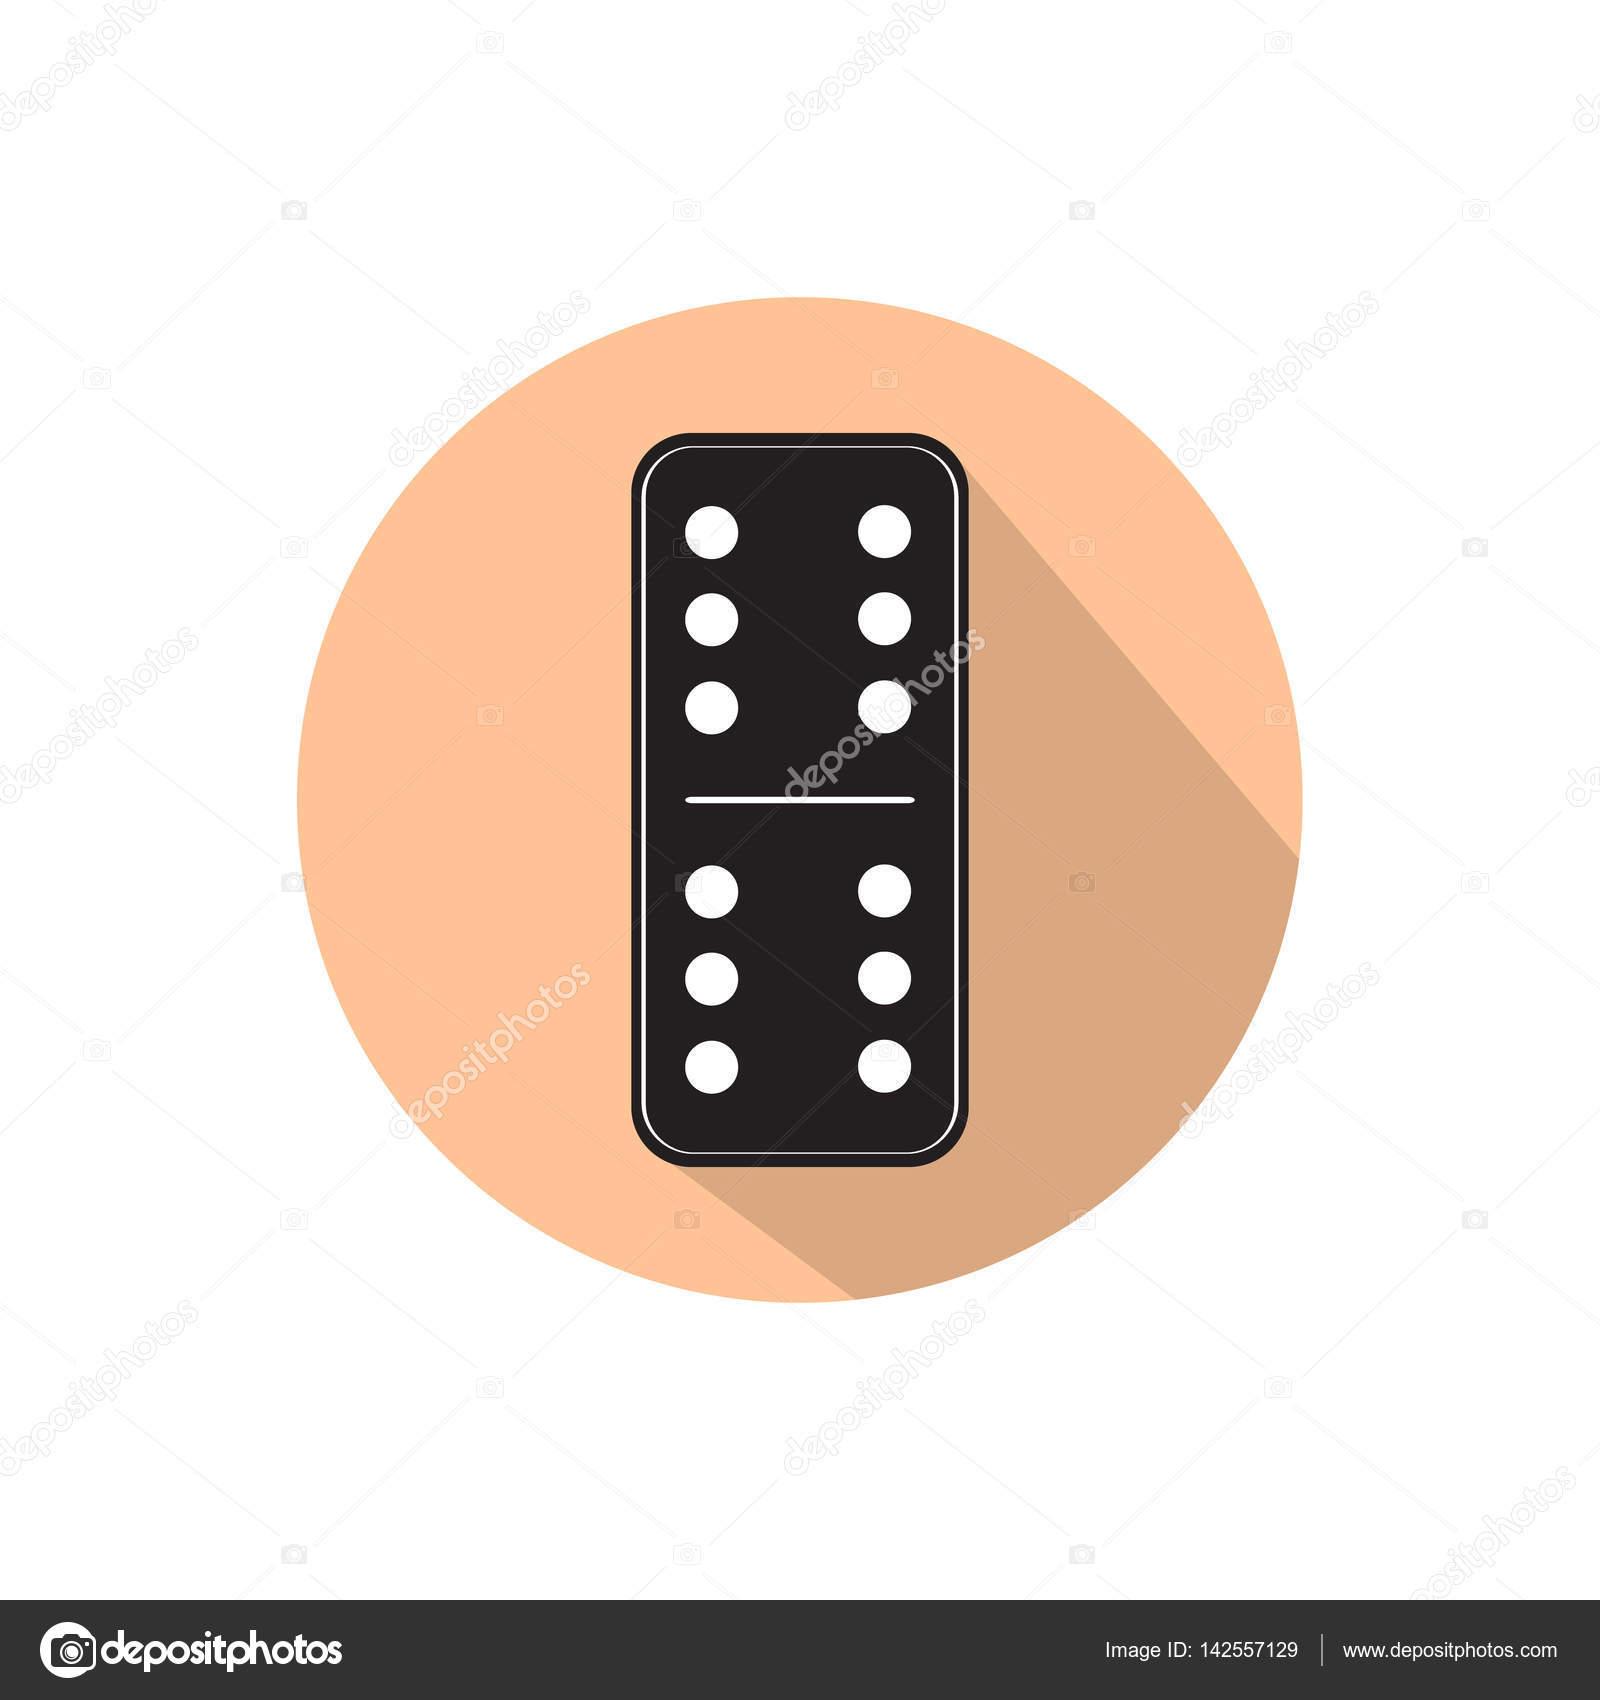 Fichas de domin aislado sobre fondo blanco archivo for Fichas de domino